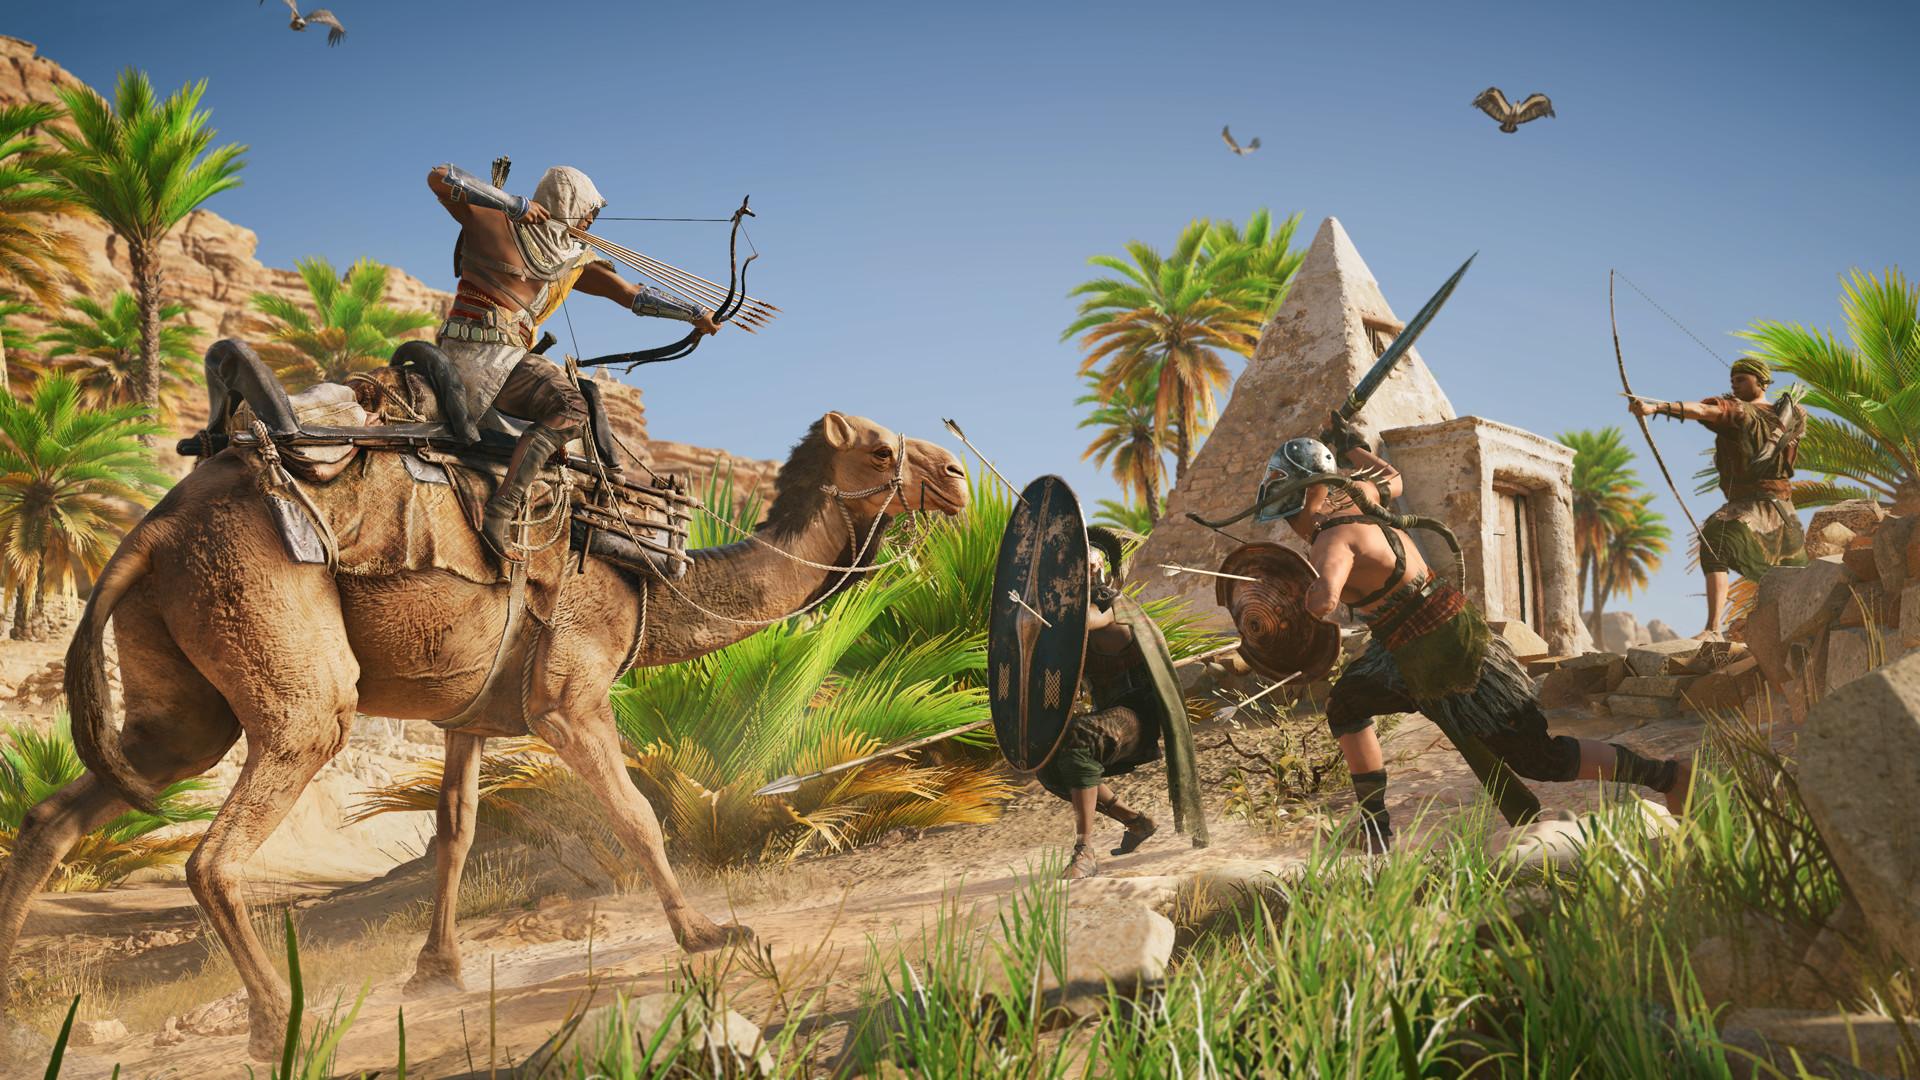 刺客信条:起源(Assassins Creed: Origins)免安装中文绿色版|DLC|升级档|网盘下载